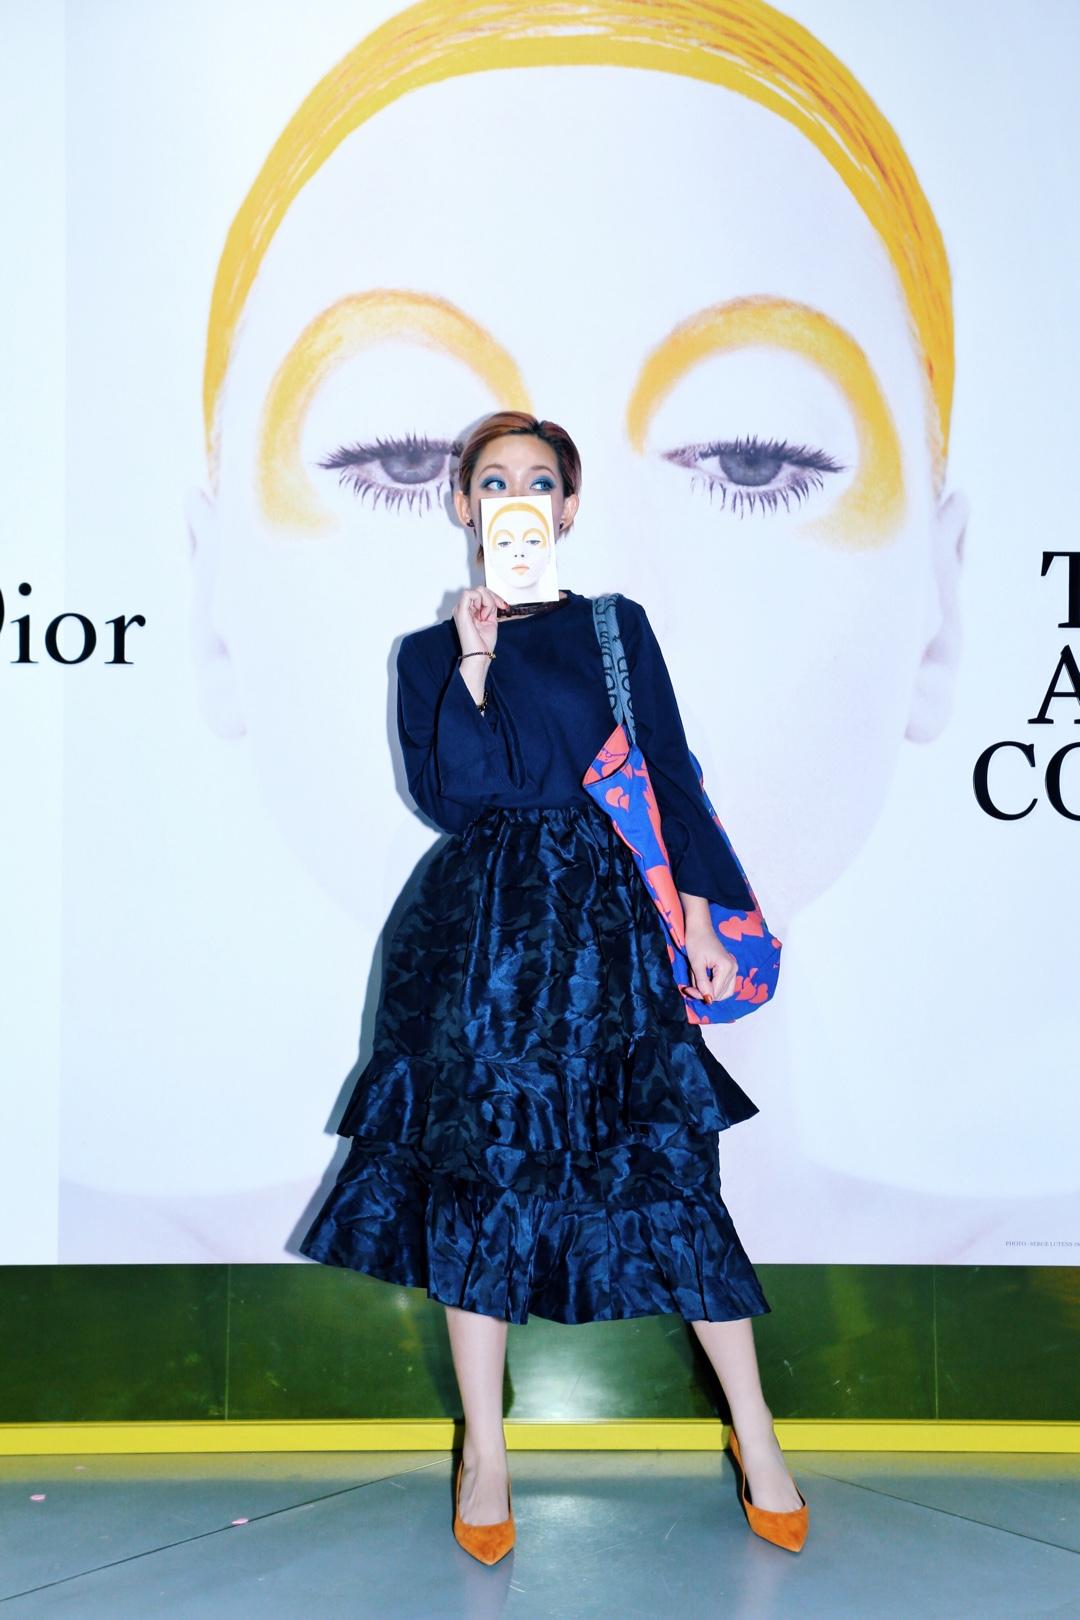 18年上海dior的展💄 看展這種活動比較適宜低調且耐看的裝扮 特意選擇了一件特殊質地的裙子💙 眼前一亮卻不譁眾取寵 散發著獨特的香氣🛀